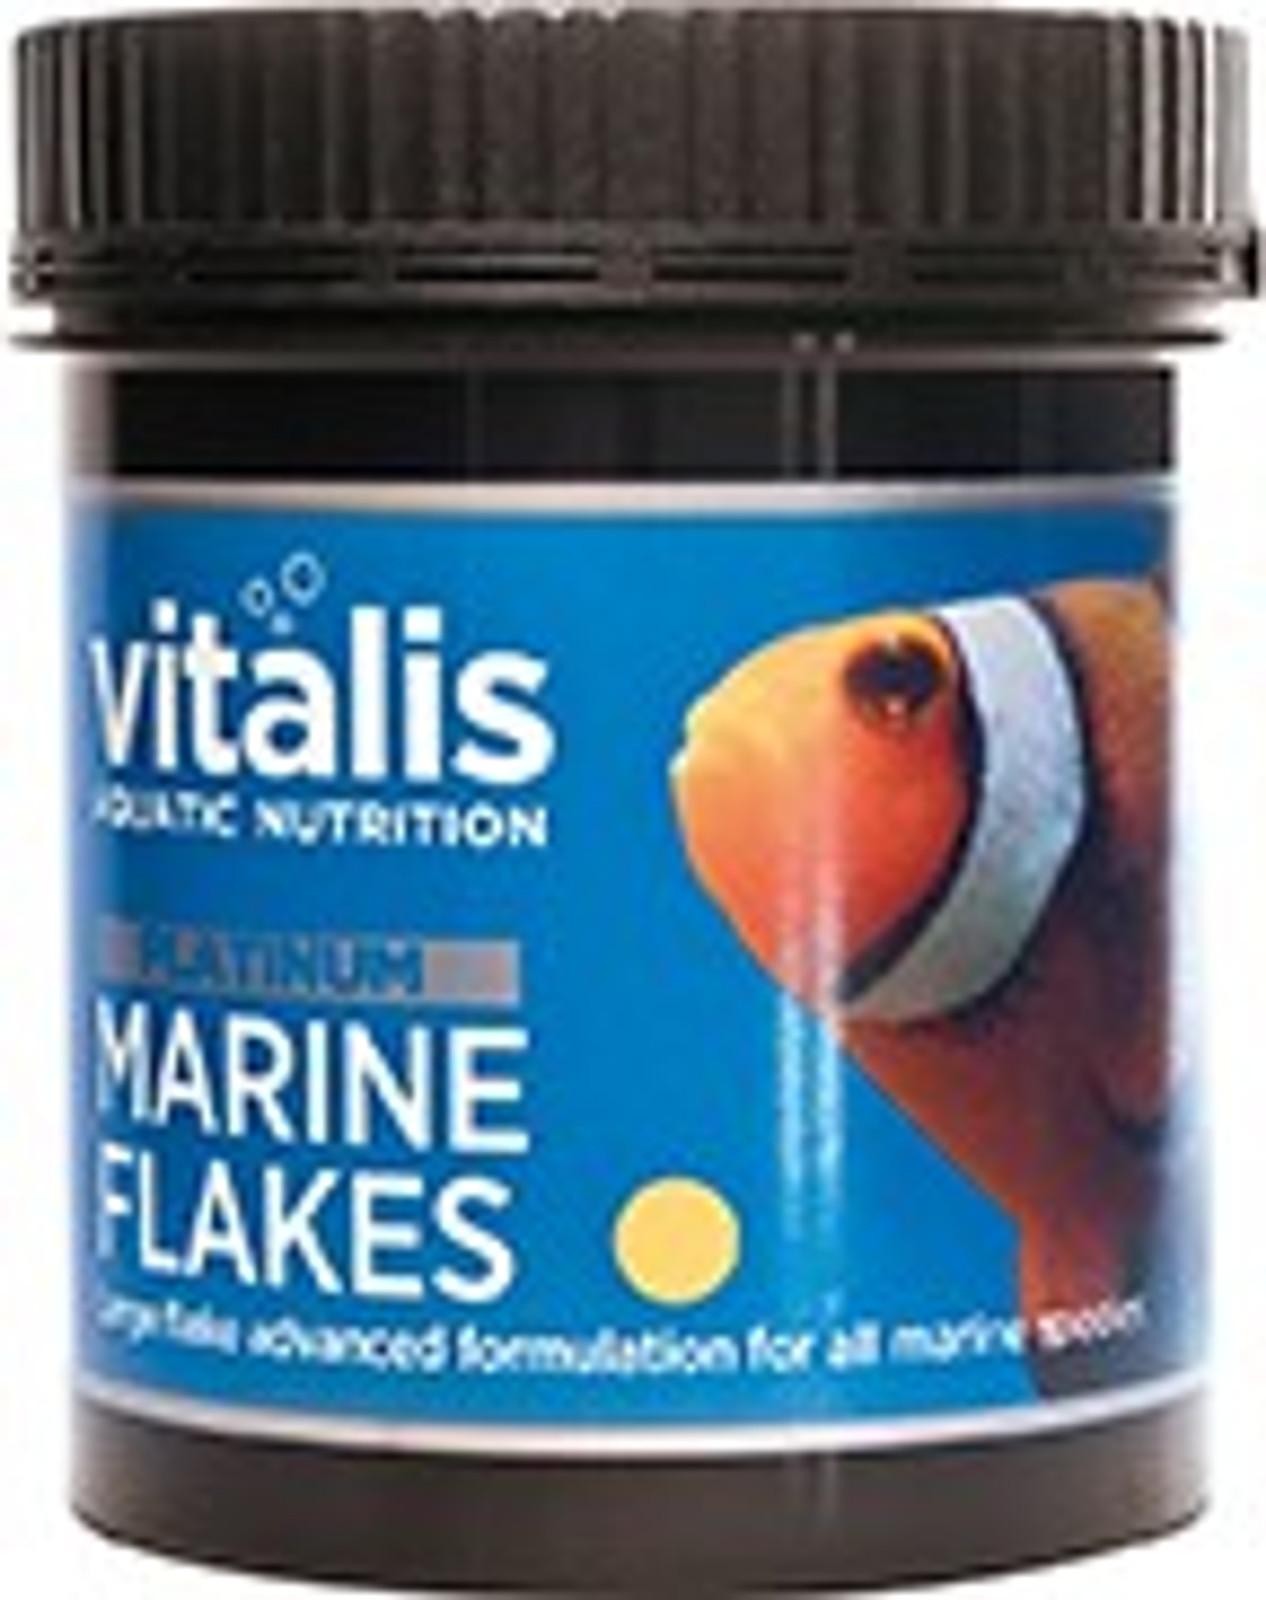 vitalis Platinum Marine Flakes 15 g für Meerwasserfische – Bild 1